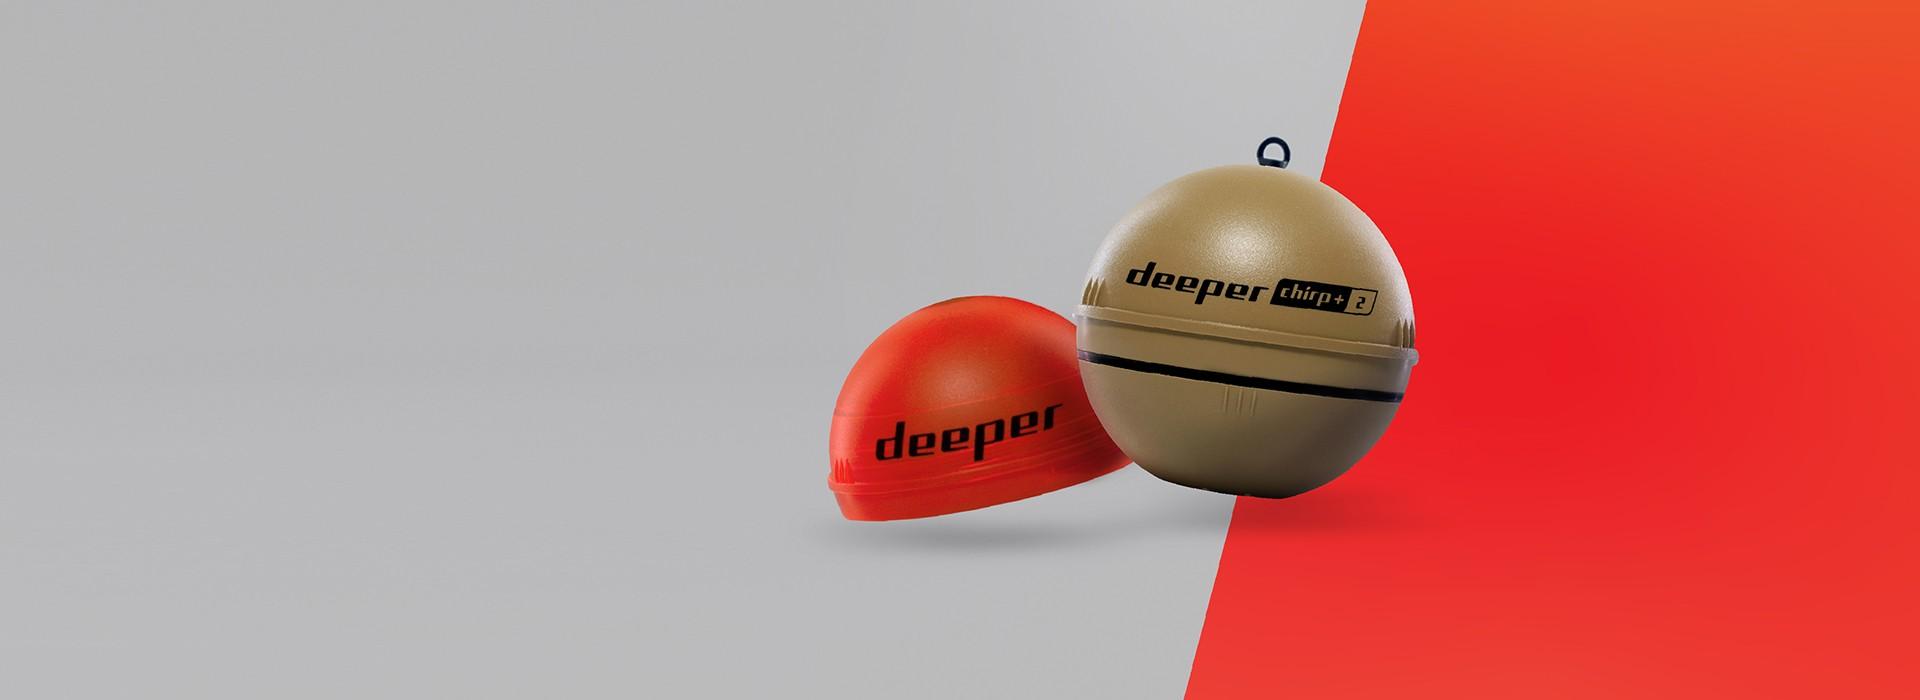 Встречайте новый Deeper CHIRP+ 2! Самый мощный эхолот из всех созданных нами. На сегодня.